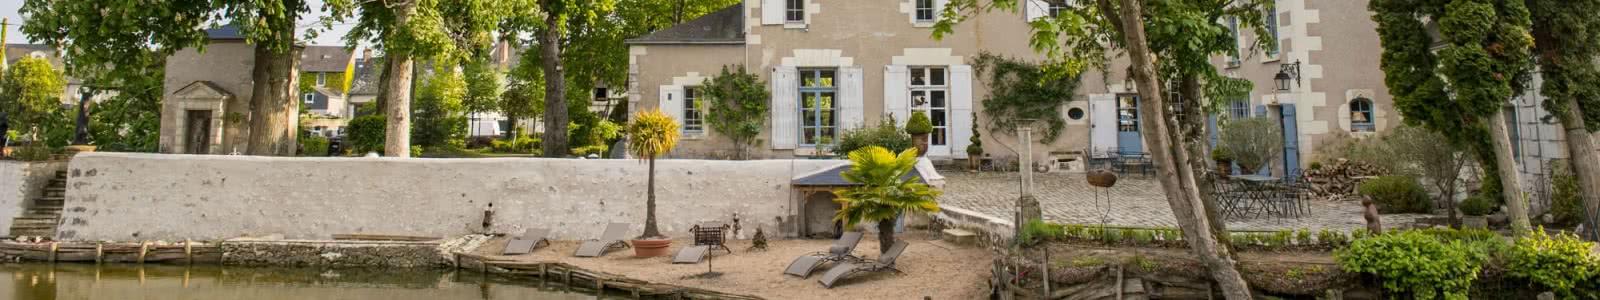 Chambres d'hôtes Les Douves - Vacances en Loir-et-Cher Val de Loire ©Cyril-Chigot-Conseil-Departemental-41